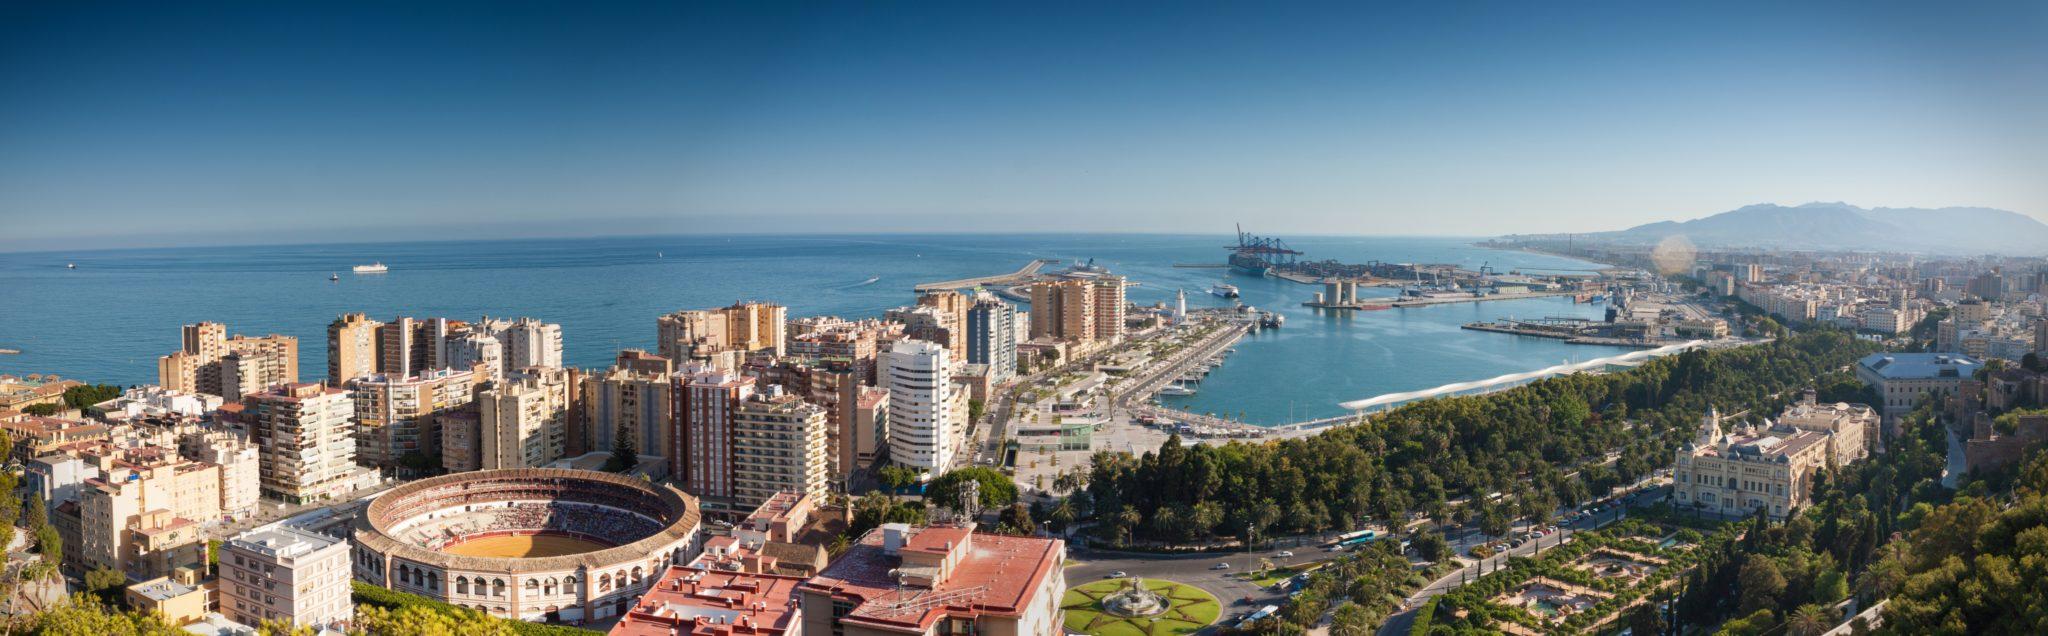 Malaga - miejsca w europie gdzie jest ciepło w zimie